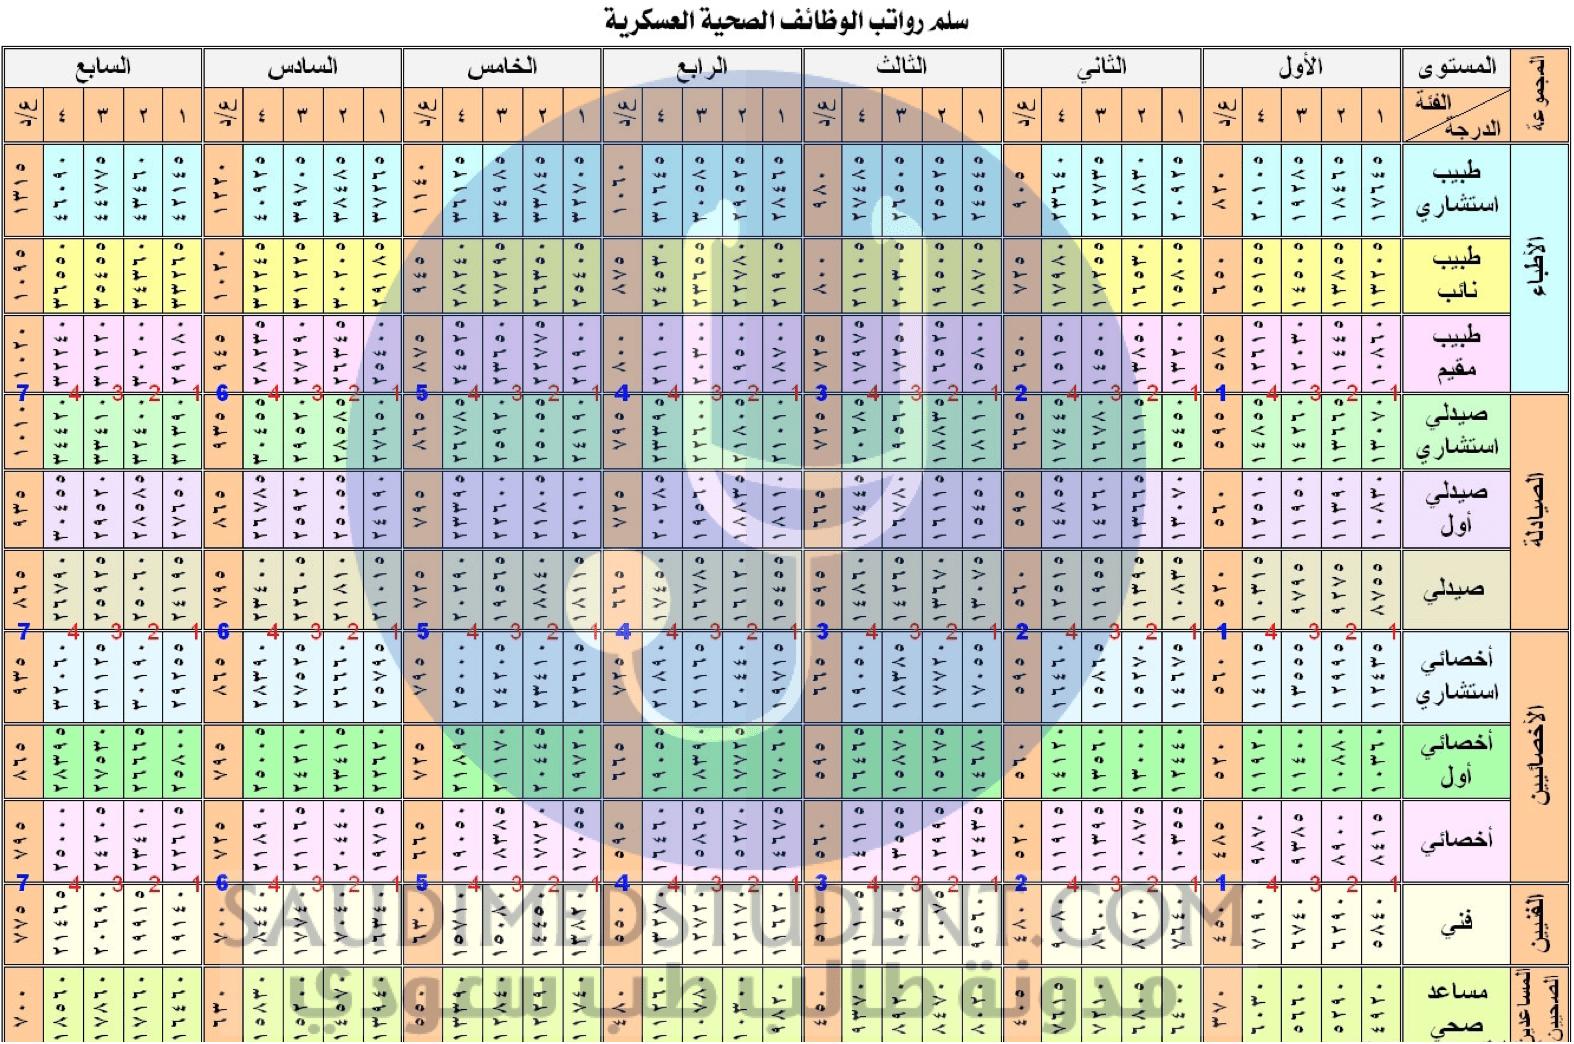 رواتب الأطباء في السعودية 2020 - 1441 Qd10